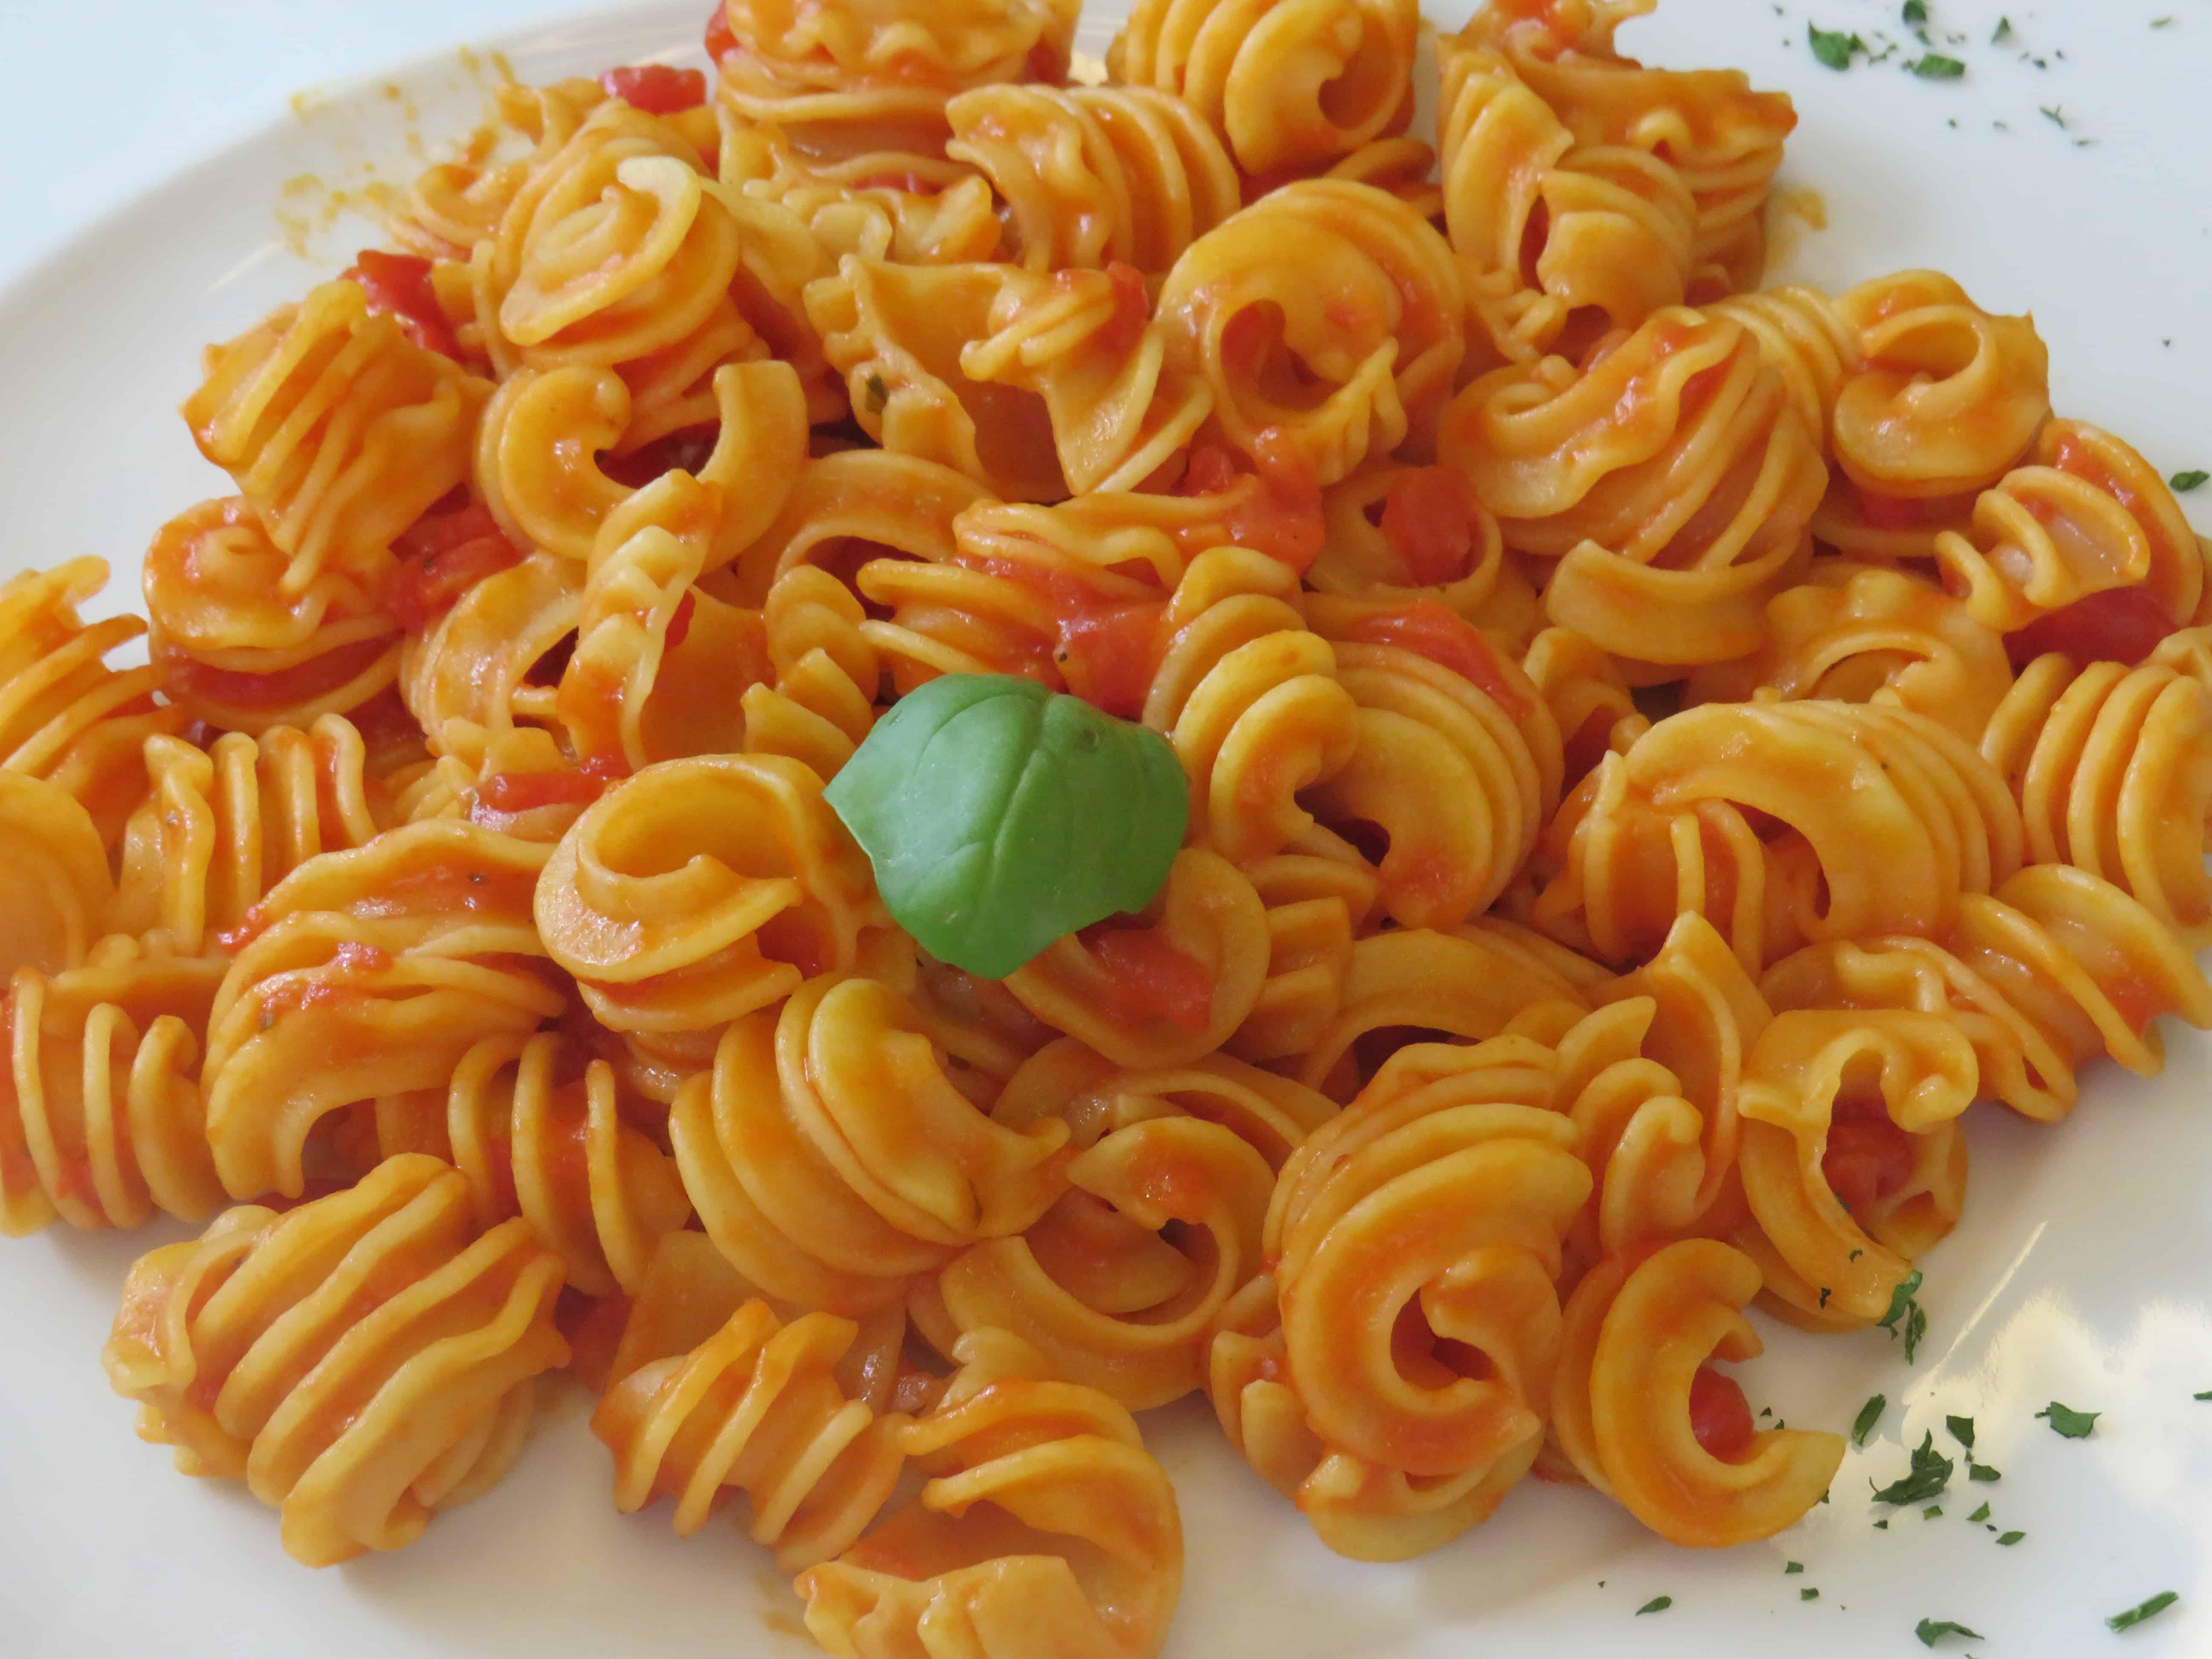 Trentino pasta